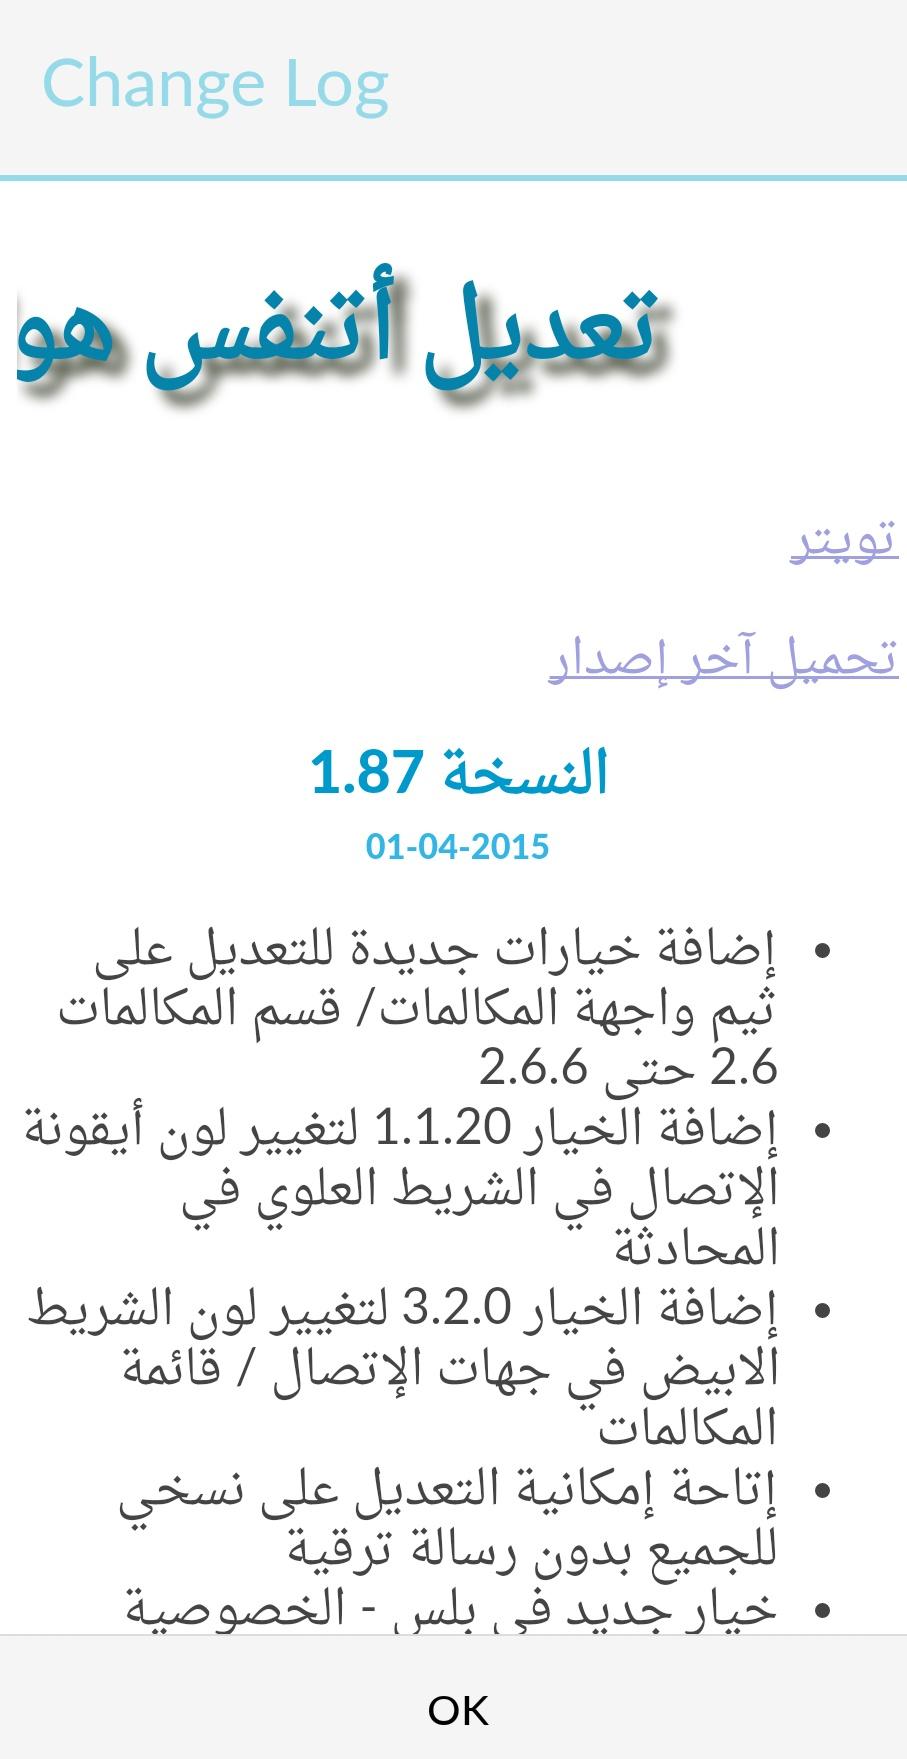 ������ ��� WhatsApp Plus 1.87 �� ��� ��� ���� ���������